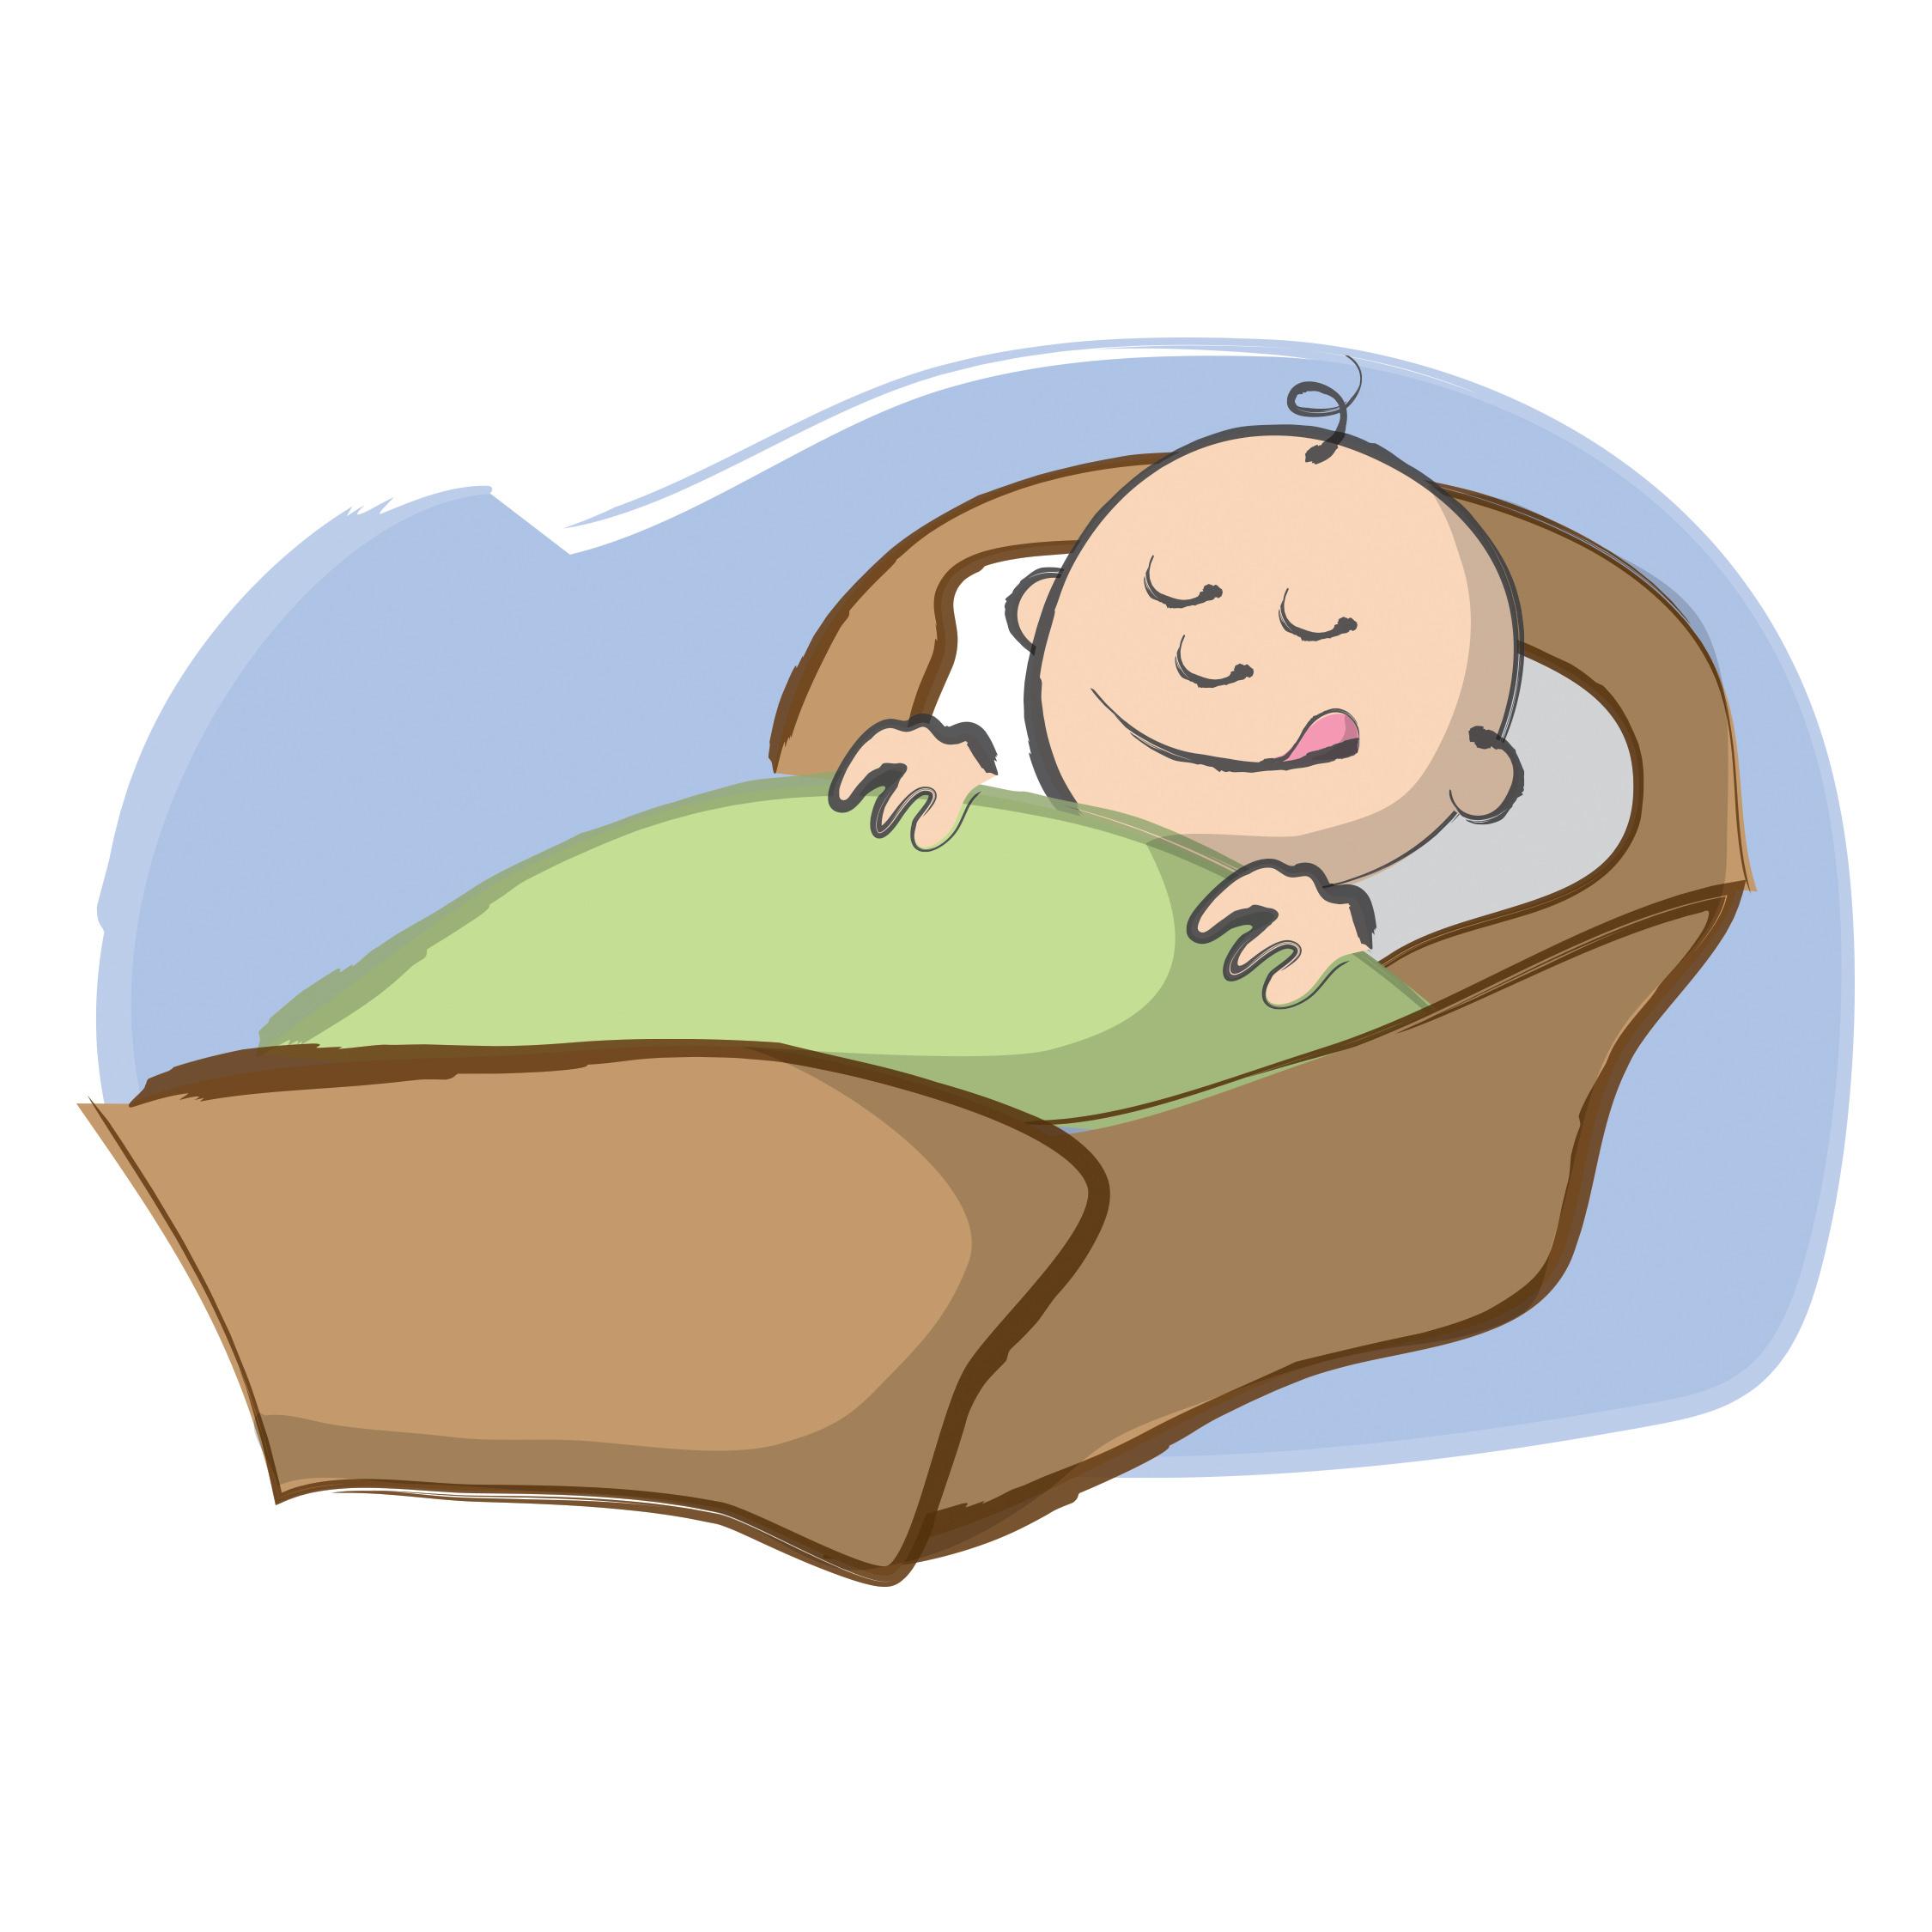 baby 9.58.57 PM.jpg